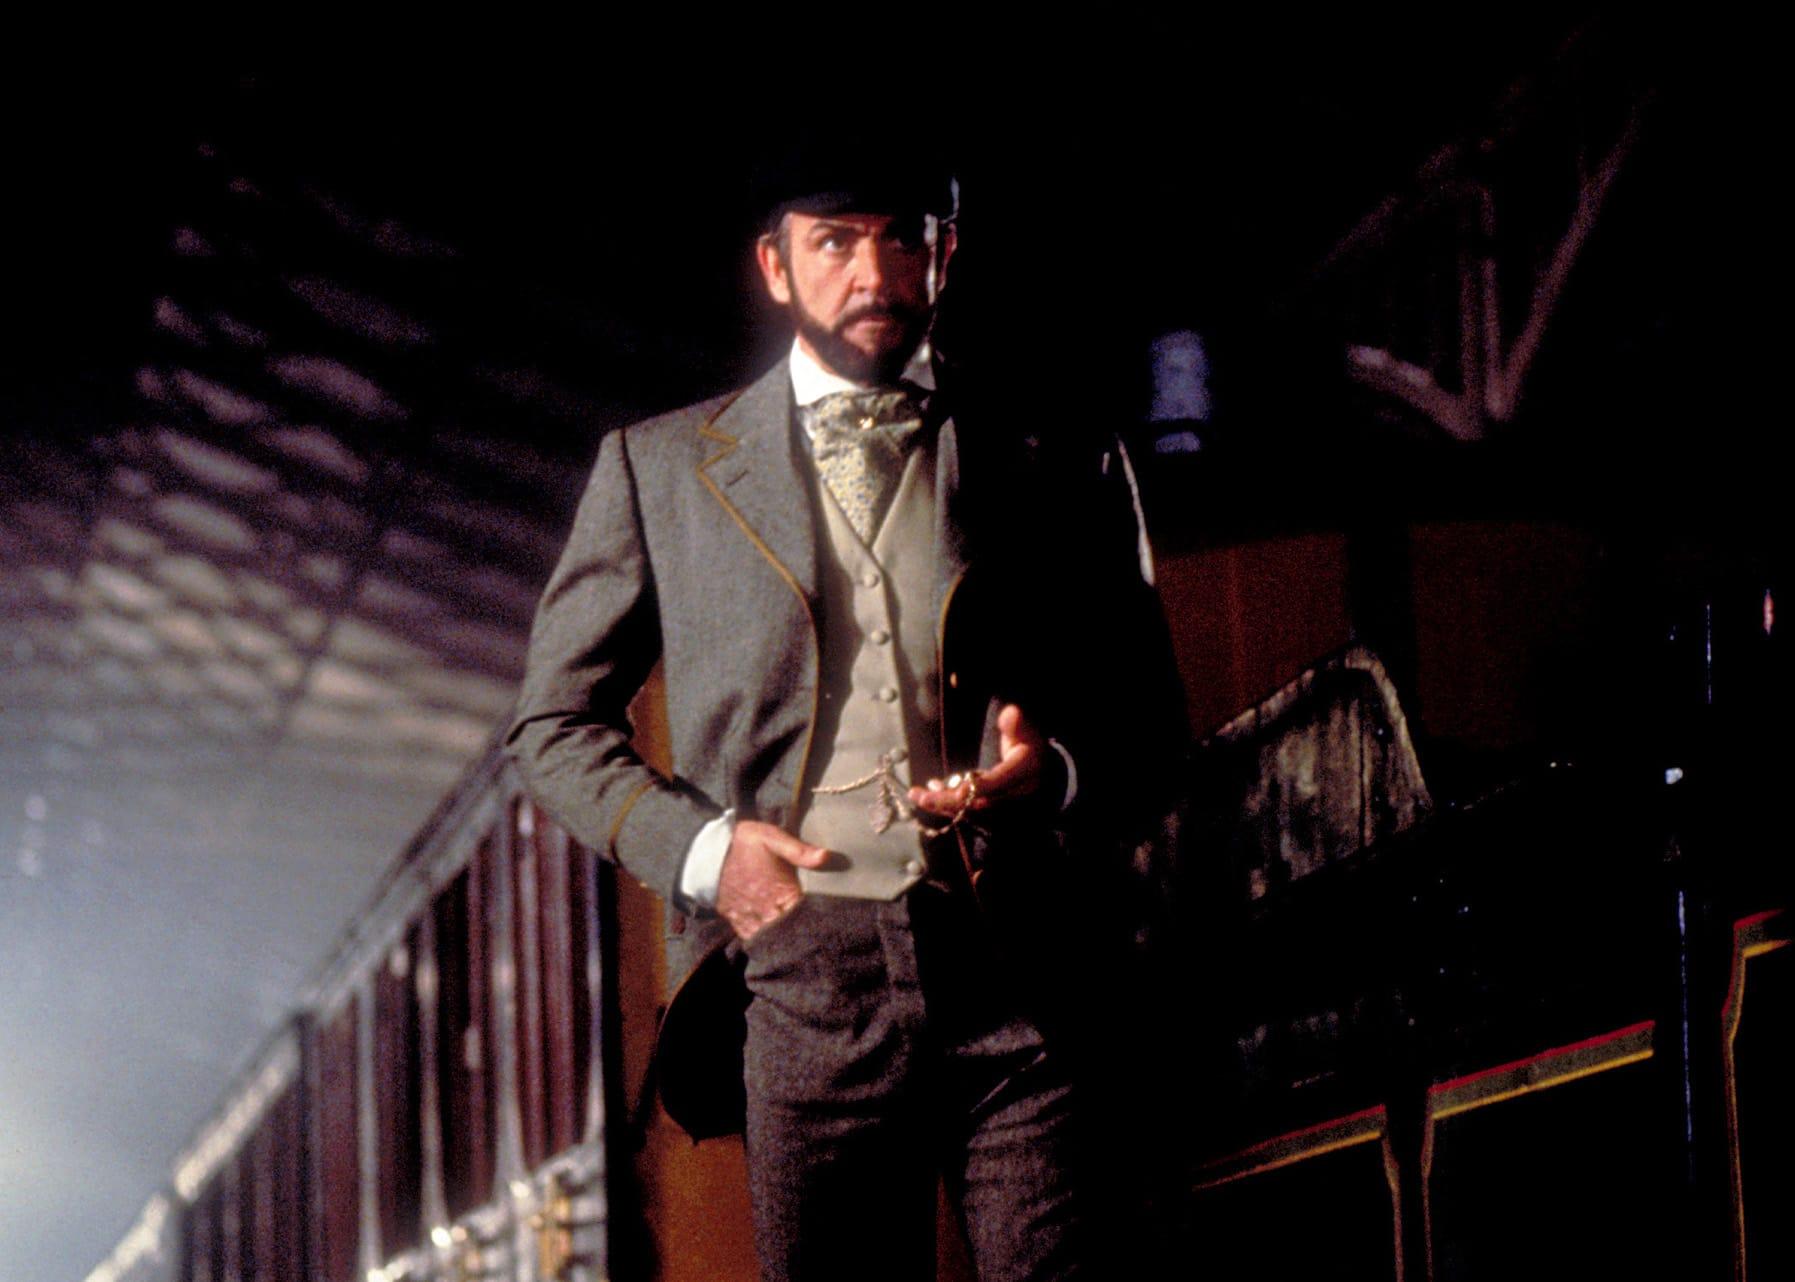 La Grande attaque du train d'or (The First Great Train Robbery) de Michael Crichton image long métrage cinéma